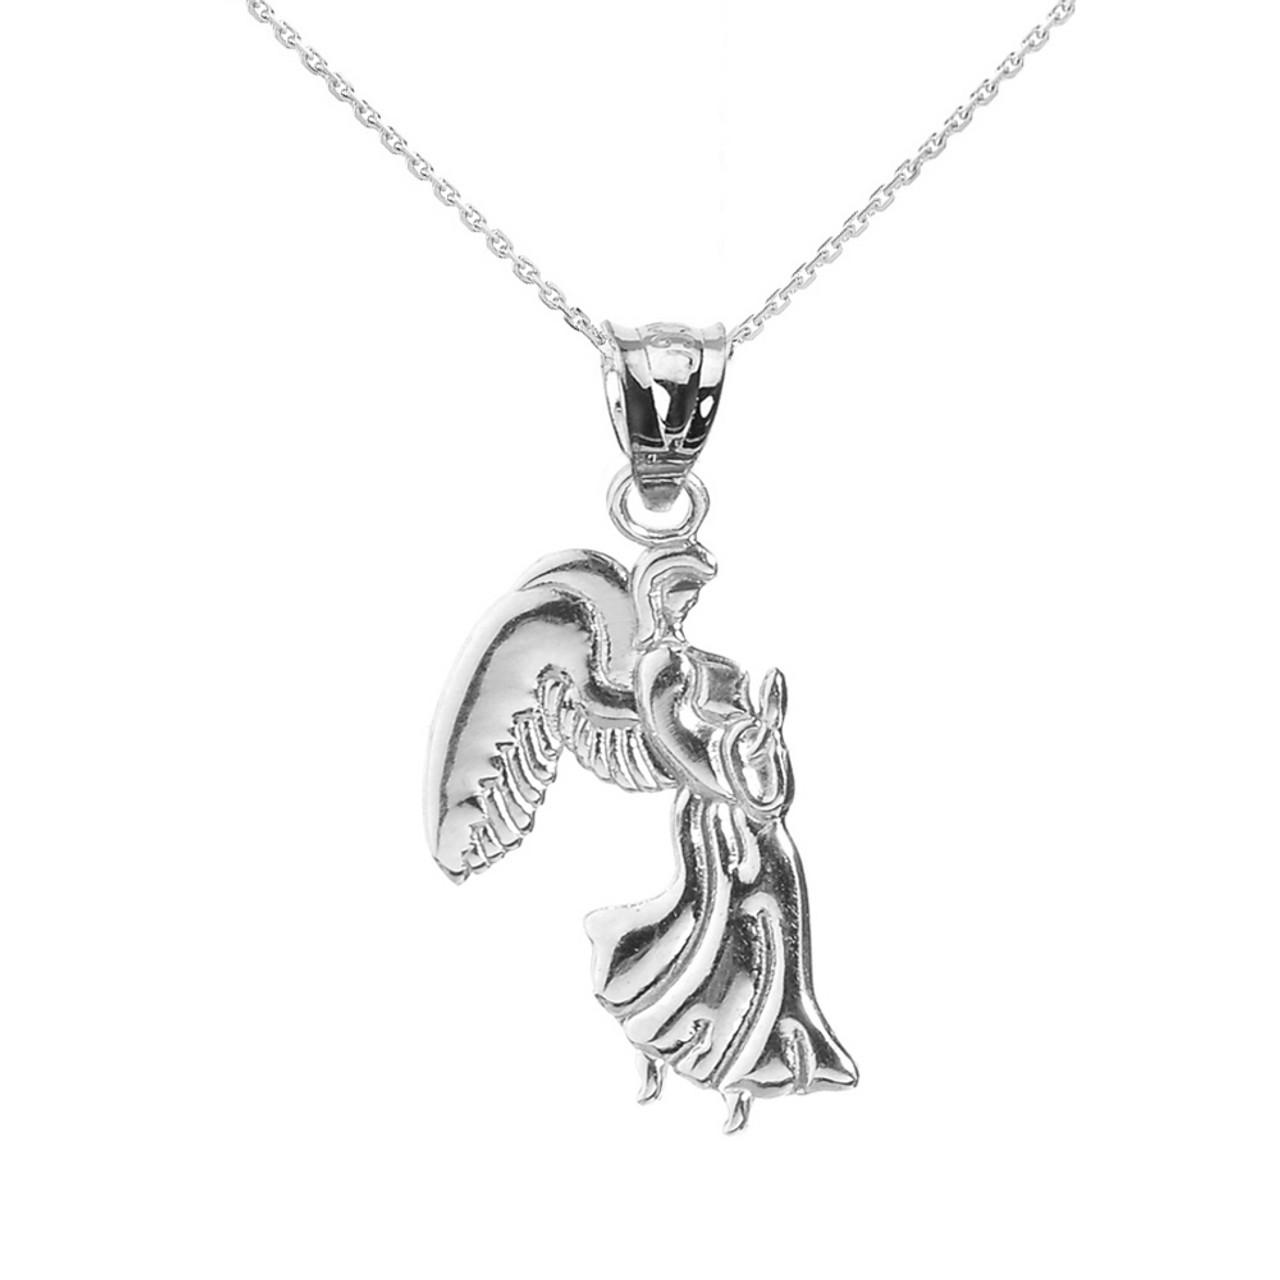 Elegant 14k White Gold Praying Angels Pendant